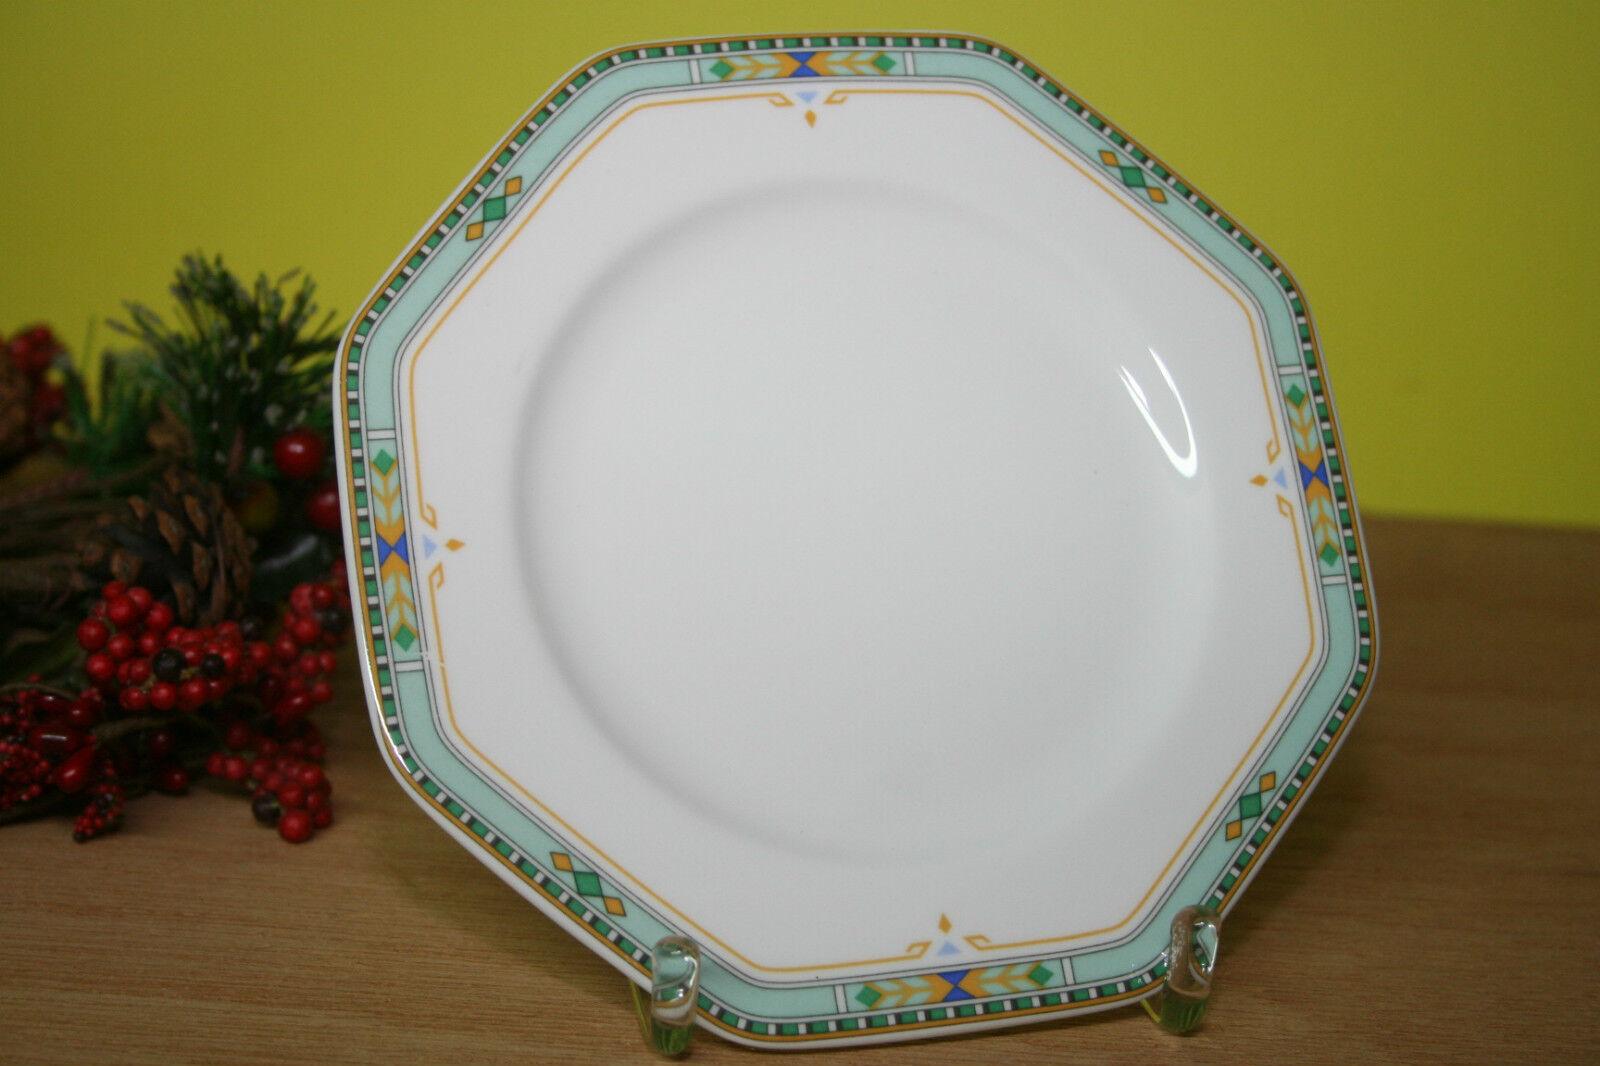 Servierplatte, Platzteller 33 cm Villeroy & Boch Navajo | Niedriger Preis und gute Qualität